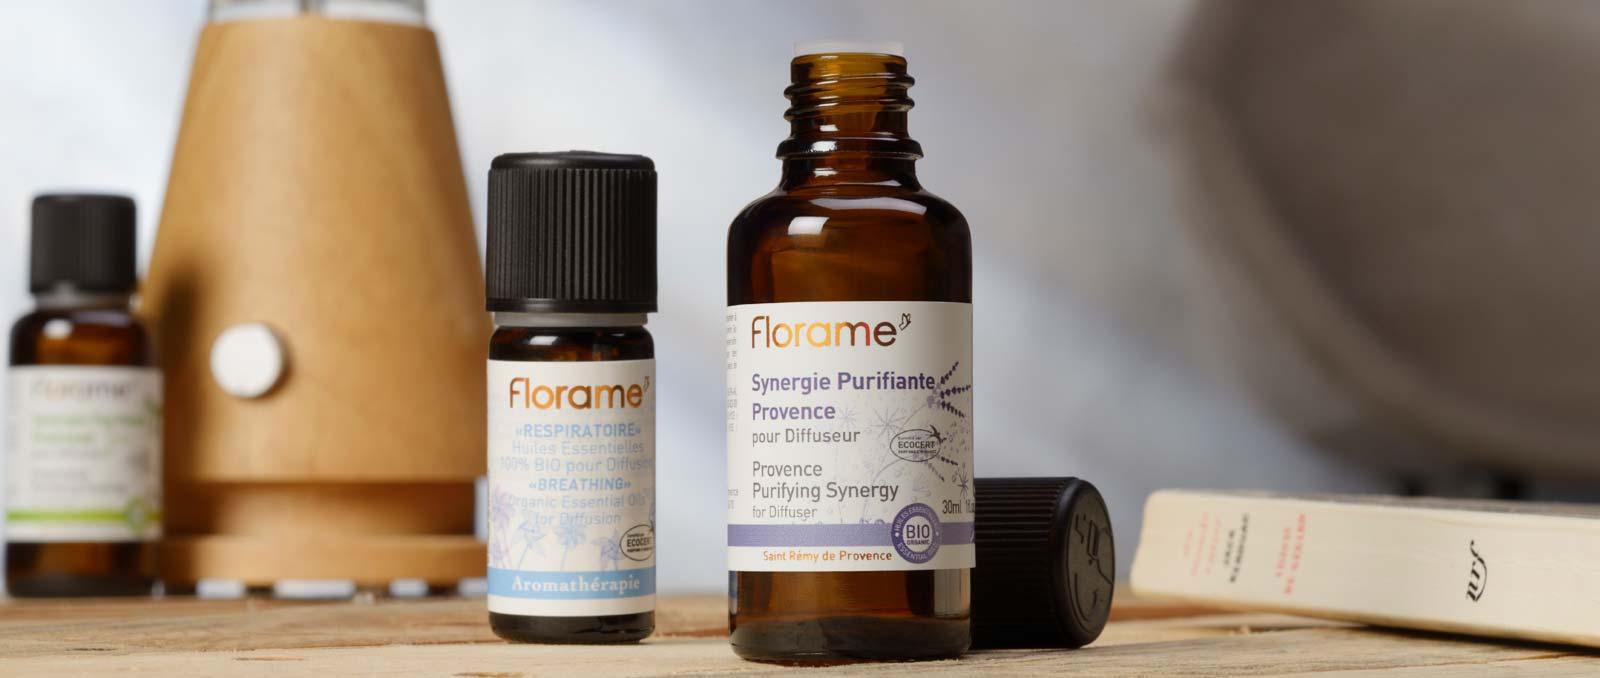 florame-aetherische-oele